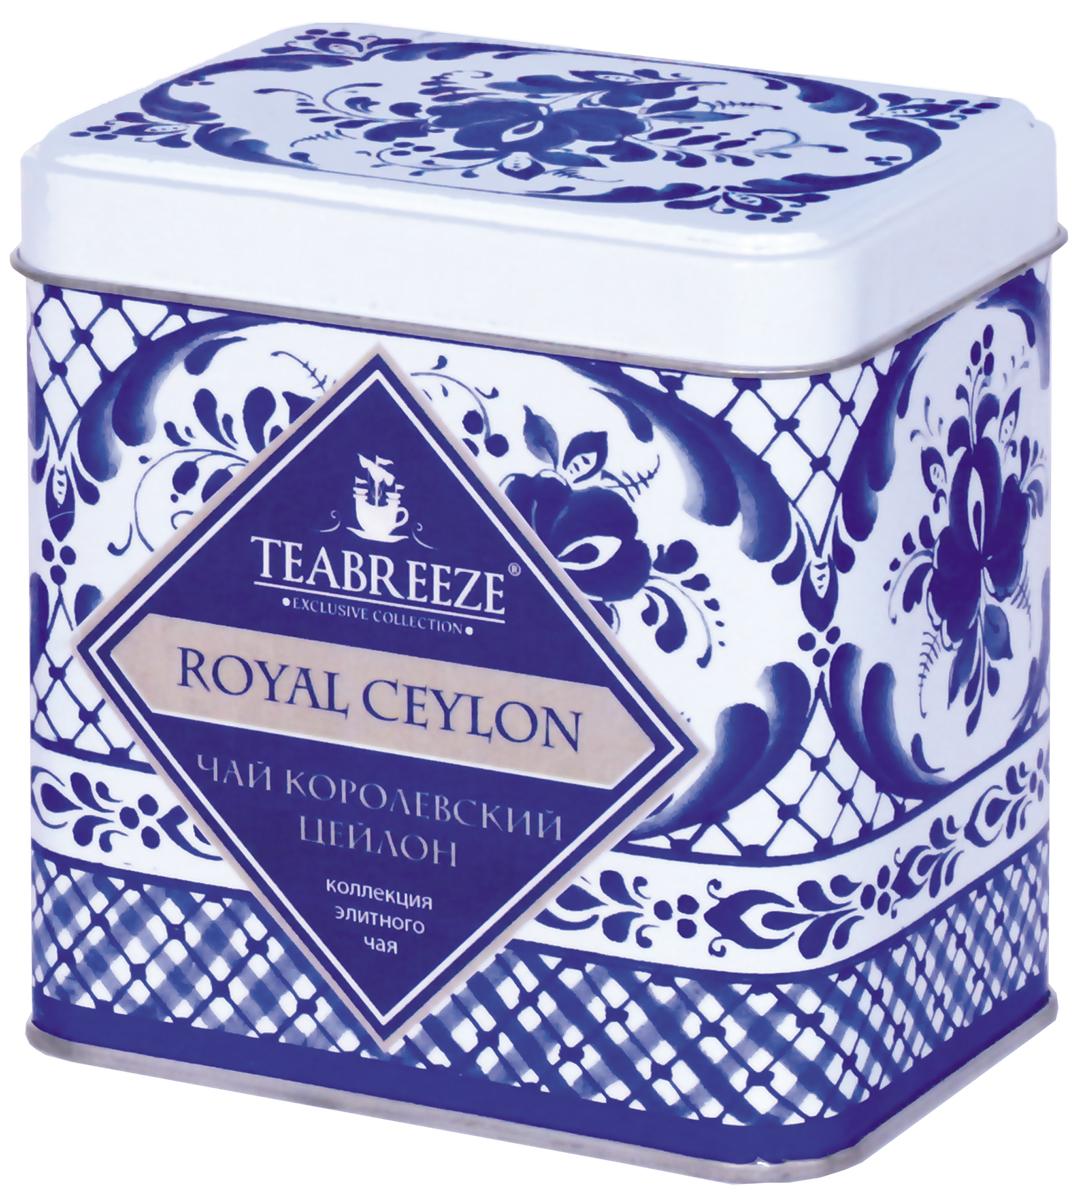 Teabreeze Королевский Цейлон чай черный (прямоугольная), 100 гТВ 3008-100Чай в подарочной жестяной банке. Чай Королевский Цейлон пришел к нам c высокогорий острова Цейлон (Шри-Ланка). Его характерный, слегка вяжущий вкус имеет ярко выраженный медовый оттенок. В богатой коллекции черных чаев он занимает особое место благодаря тонкому аромату, который источает золотистый чайный настой. Такое интересное и необычное для цейлонского чая свойство приобретается за счет добавления к высококачественному молодому листу нераспустившихся чайных почек, собранных жарким летом и дающих сильный аромат.